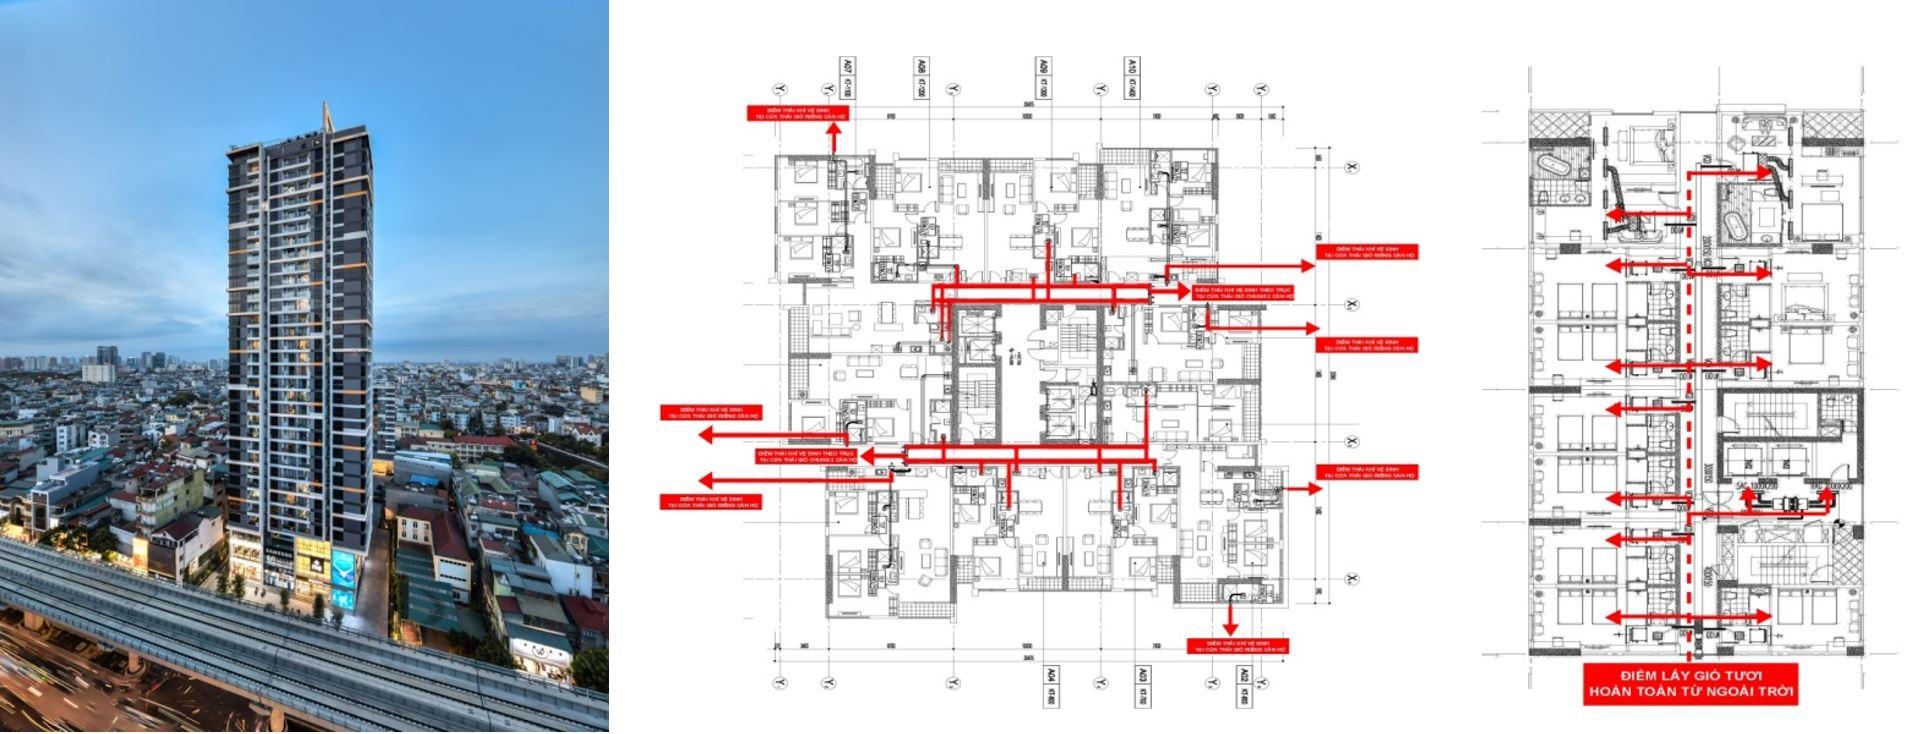 Tổ hợp chung cư Cầu Giấy Centerpoint (110 Cầu Giấy, Hà Nội) dù có quy mô lớn, nhưng thiết kế hệ thống điều hòa có khả năng độc lập cao, các căn hộ ưu tiên tối đa sử dụng riêng miệng thải ra môi trường bên ngoài, hạn chế tối đa khả năng lây nhiễm chéo dịch bệnh